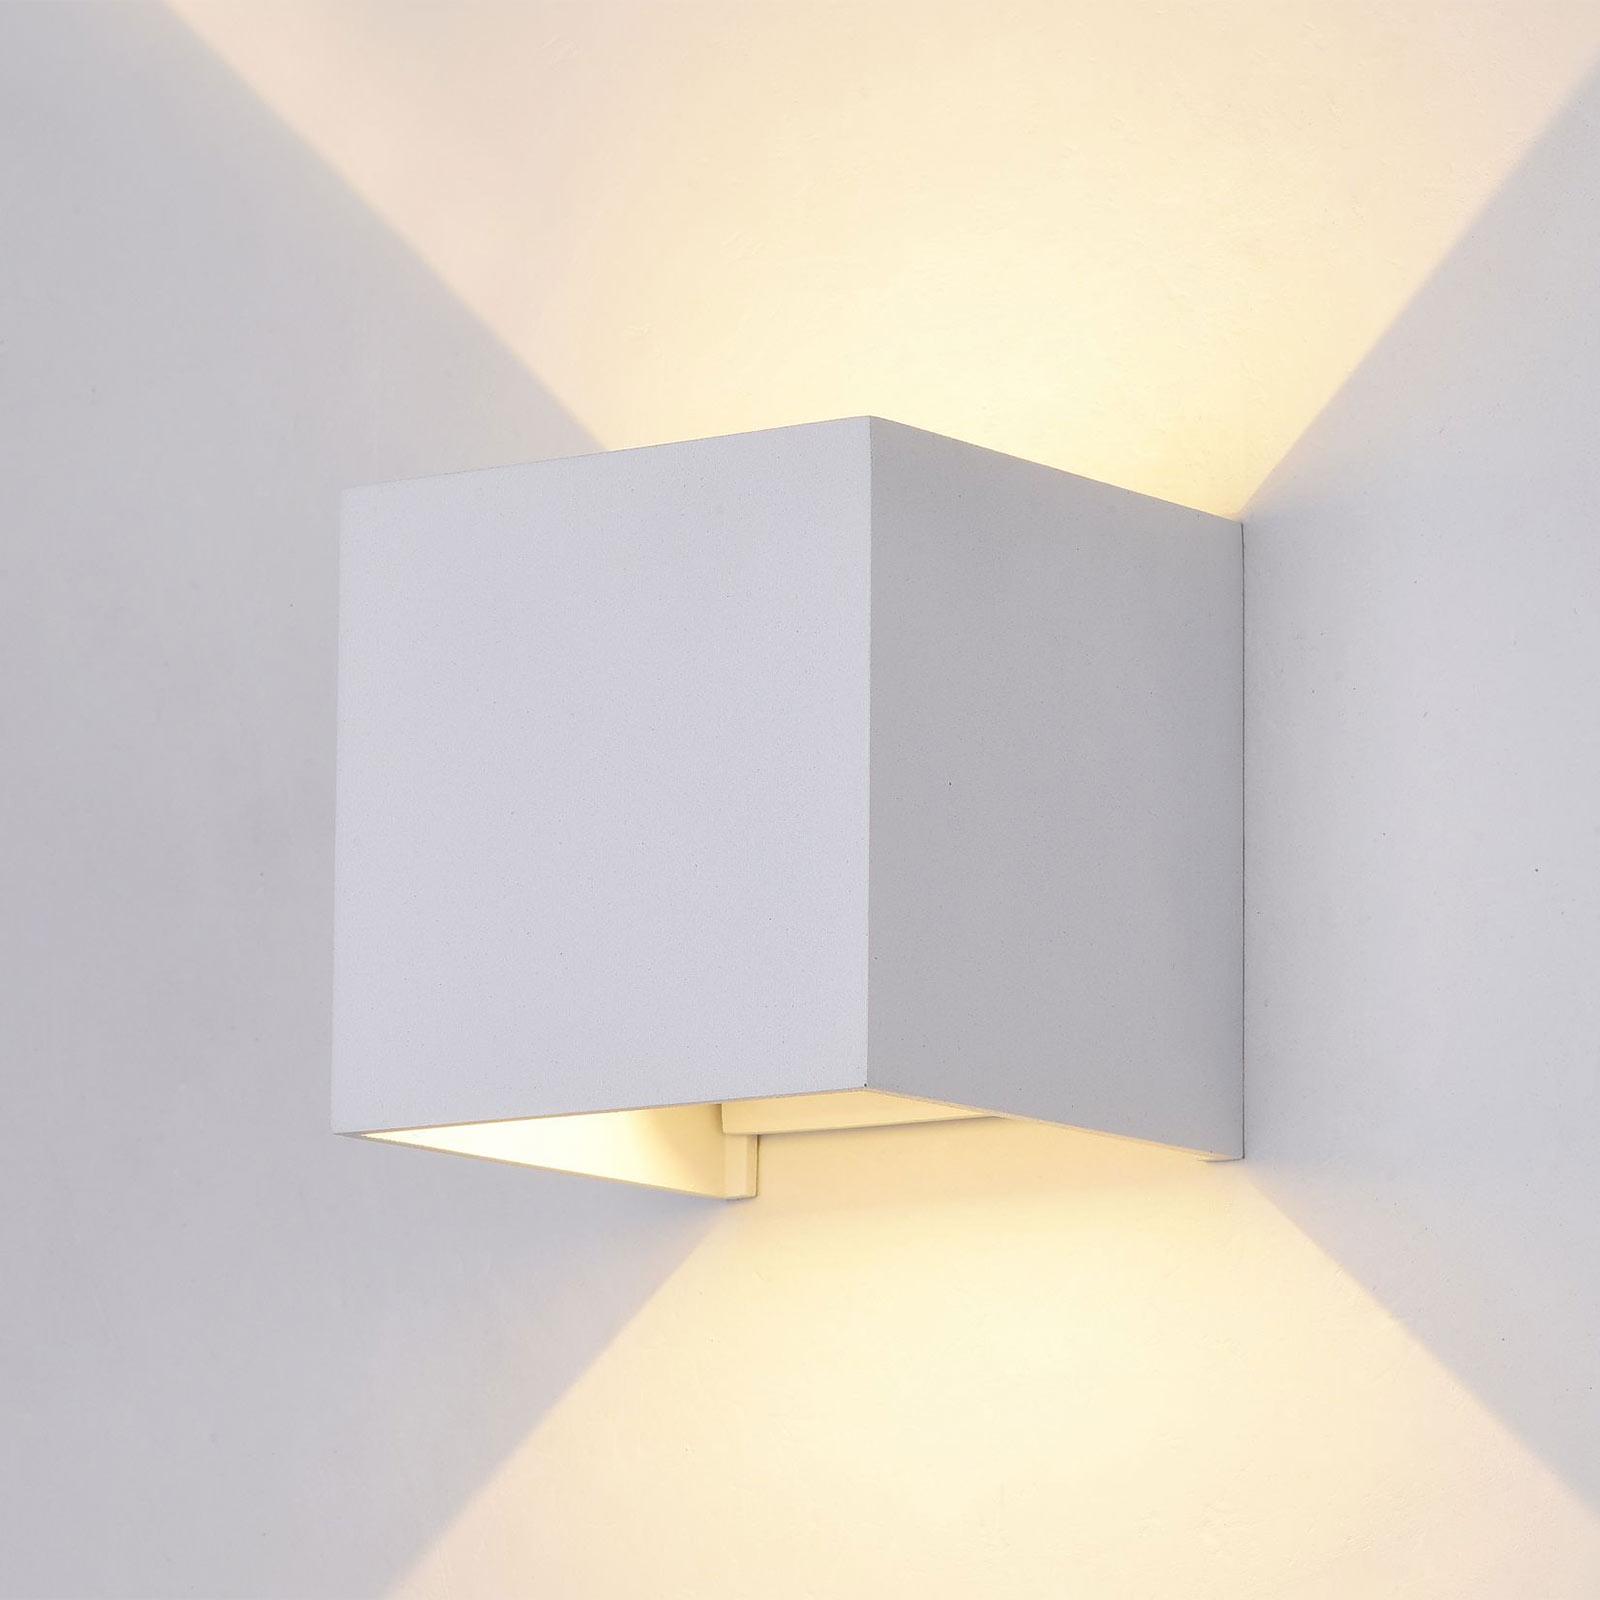 Applique d'extérieur LED Fulton, 10x10cm, blanche